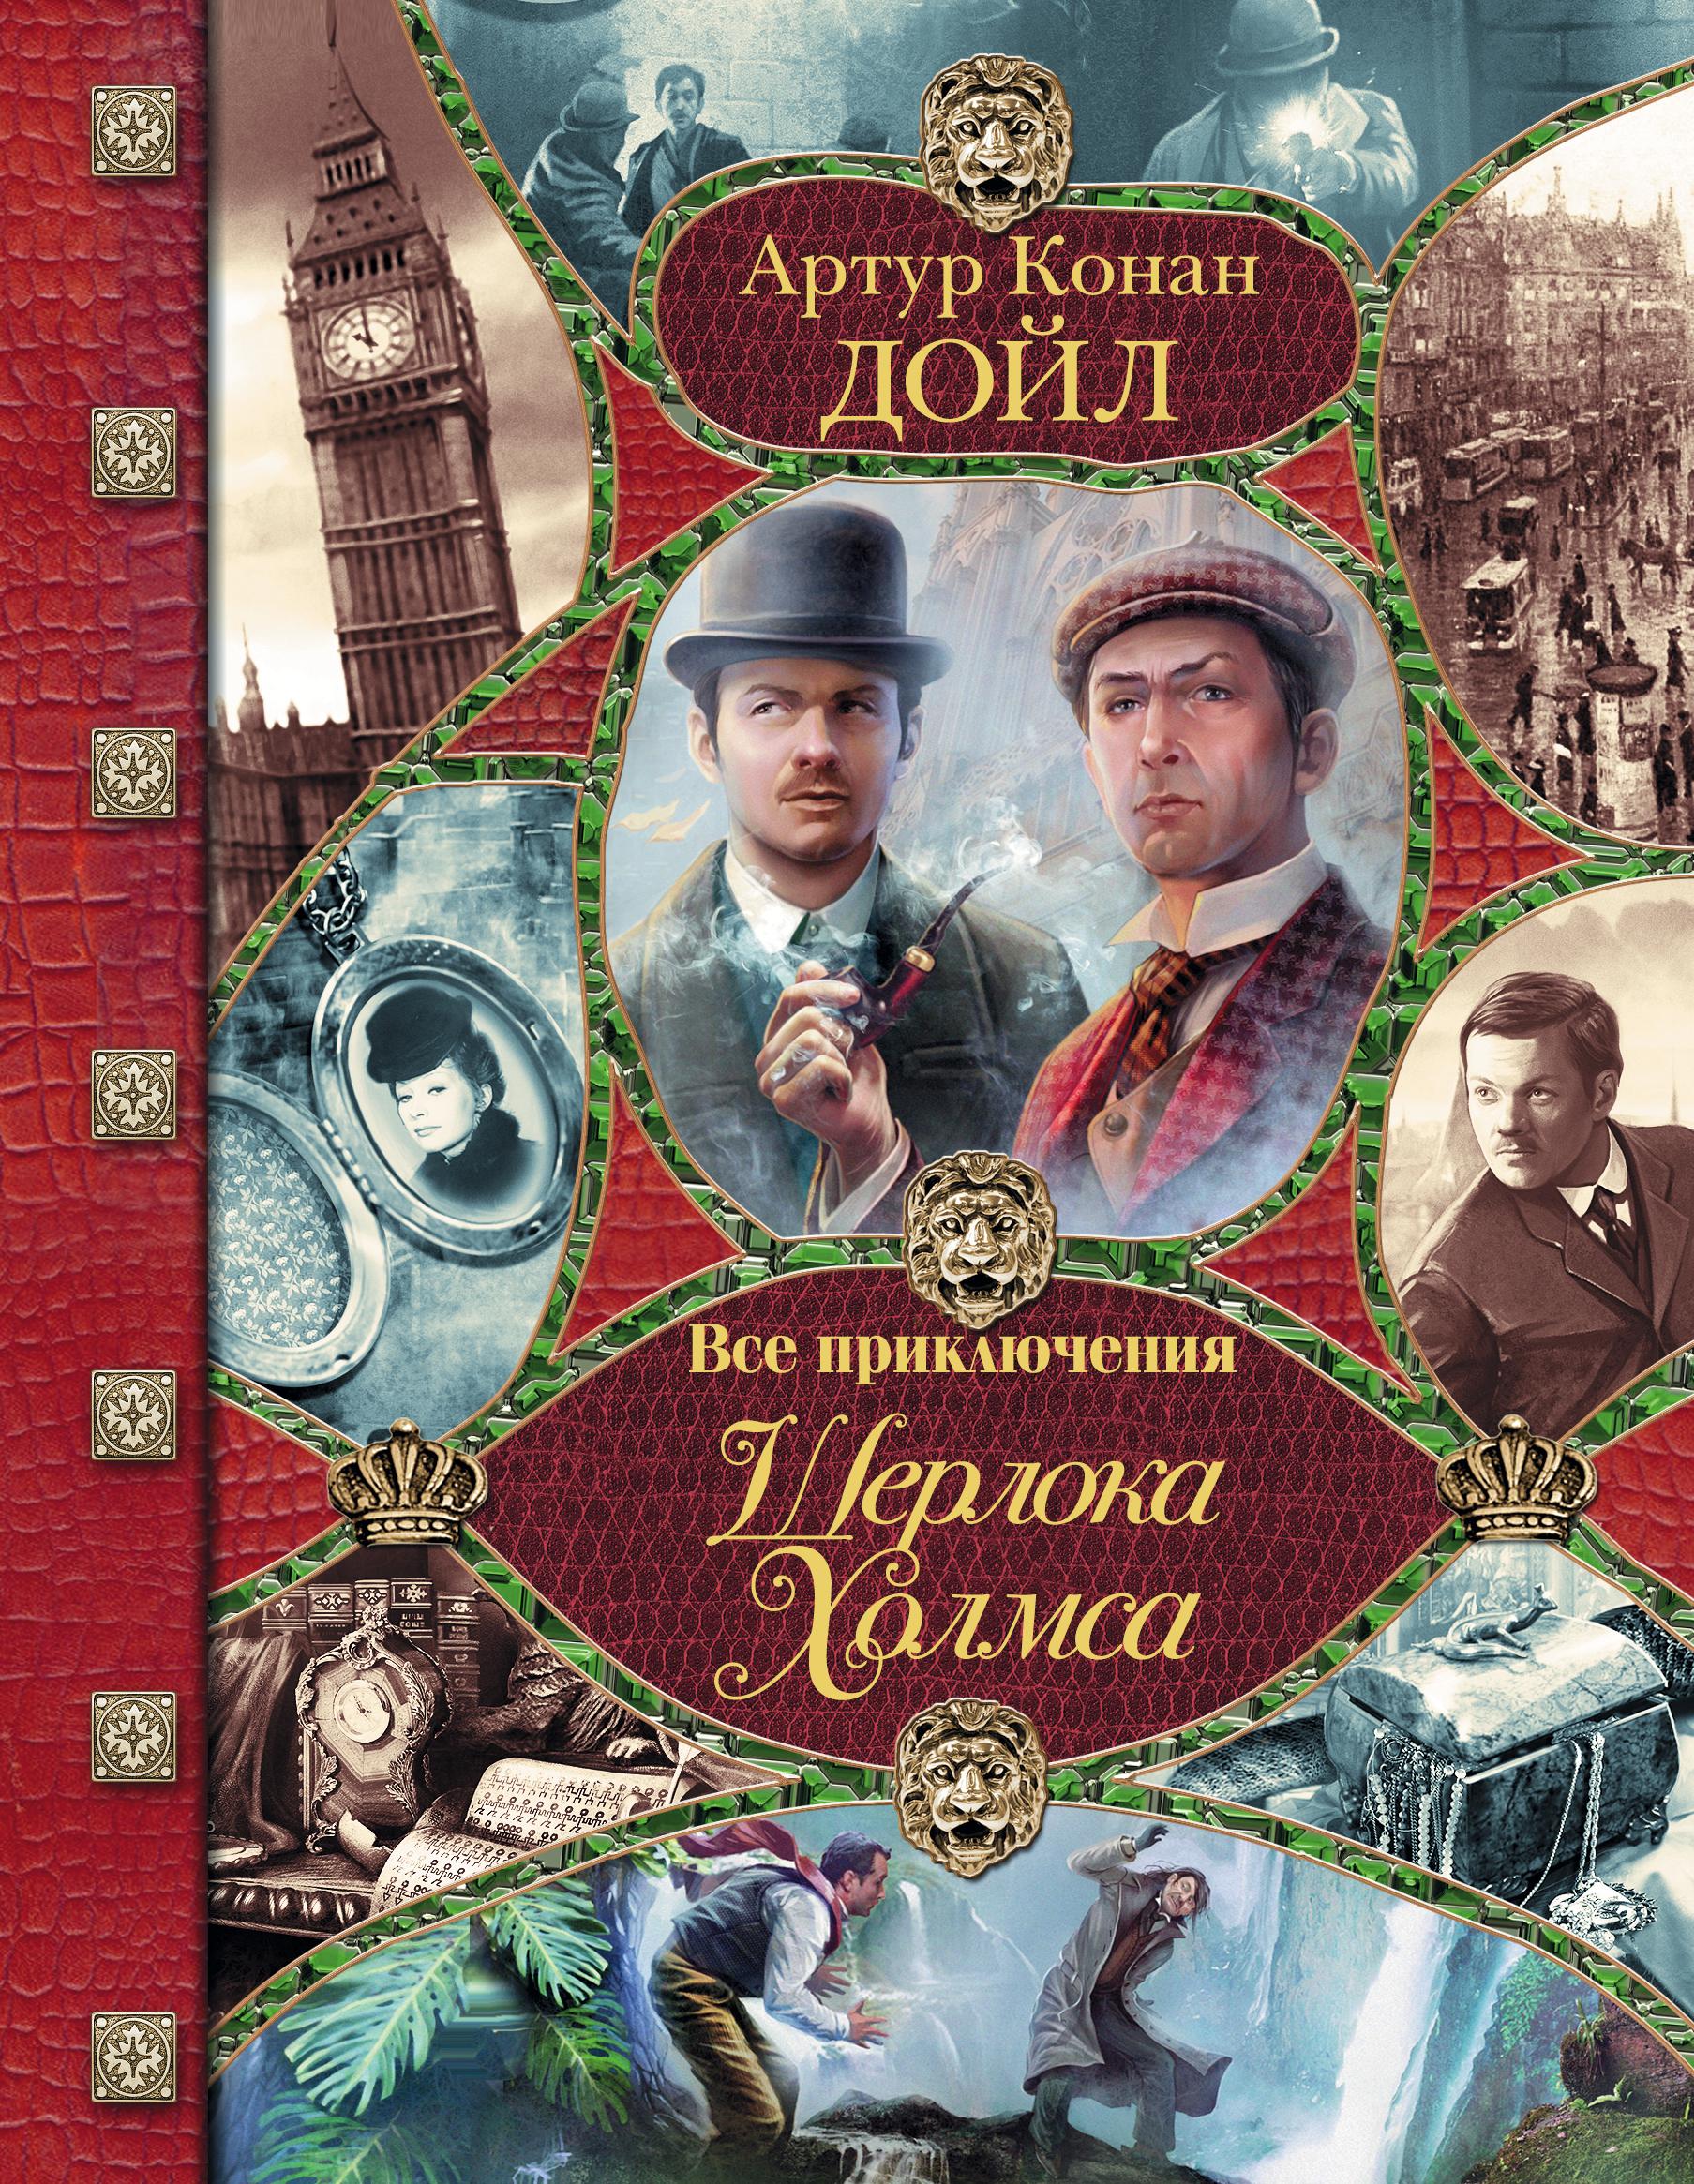 Дойл А.К. Все приключения Шерлока Холмса артур конан дойл союз рыжих аудиоспектакль